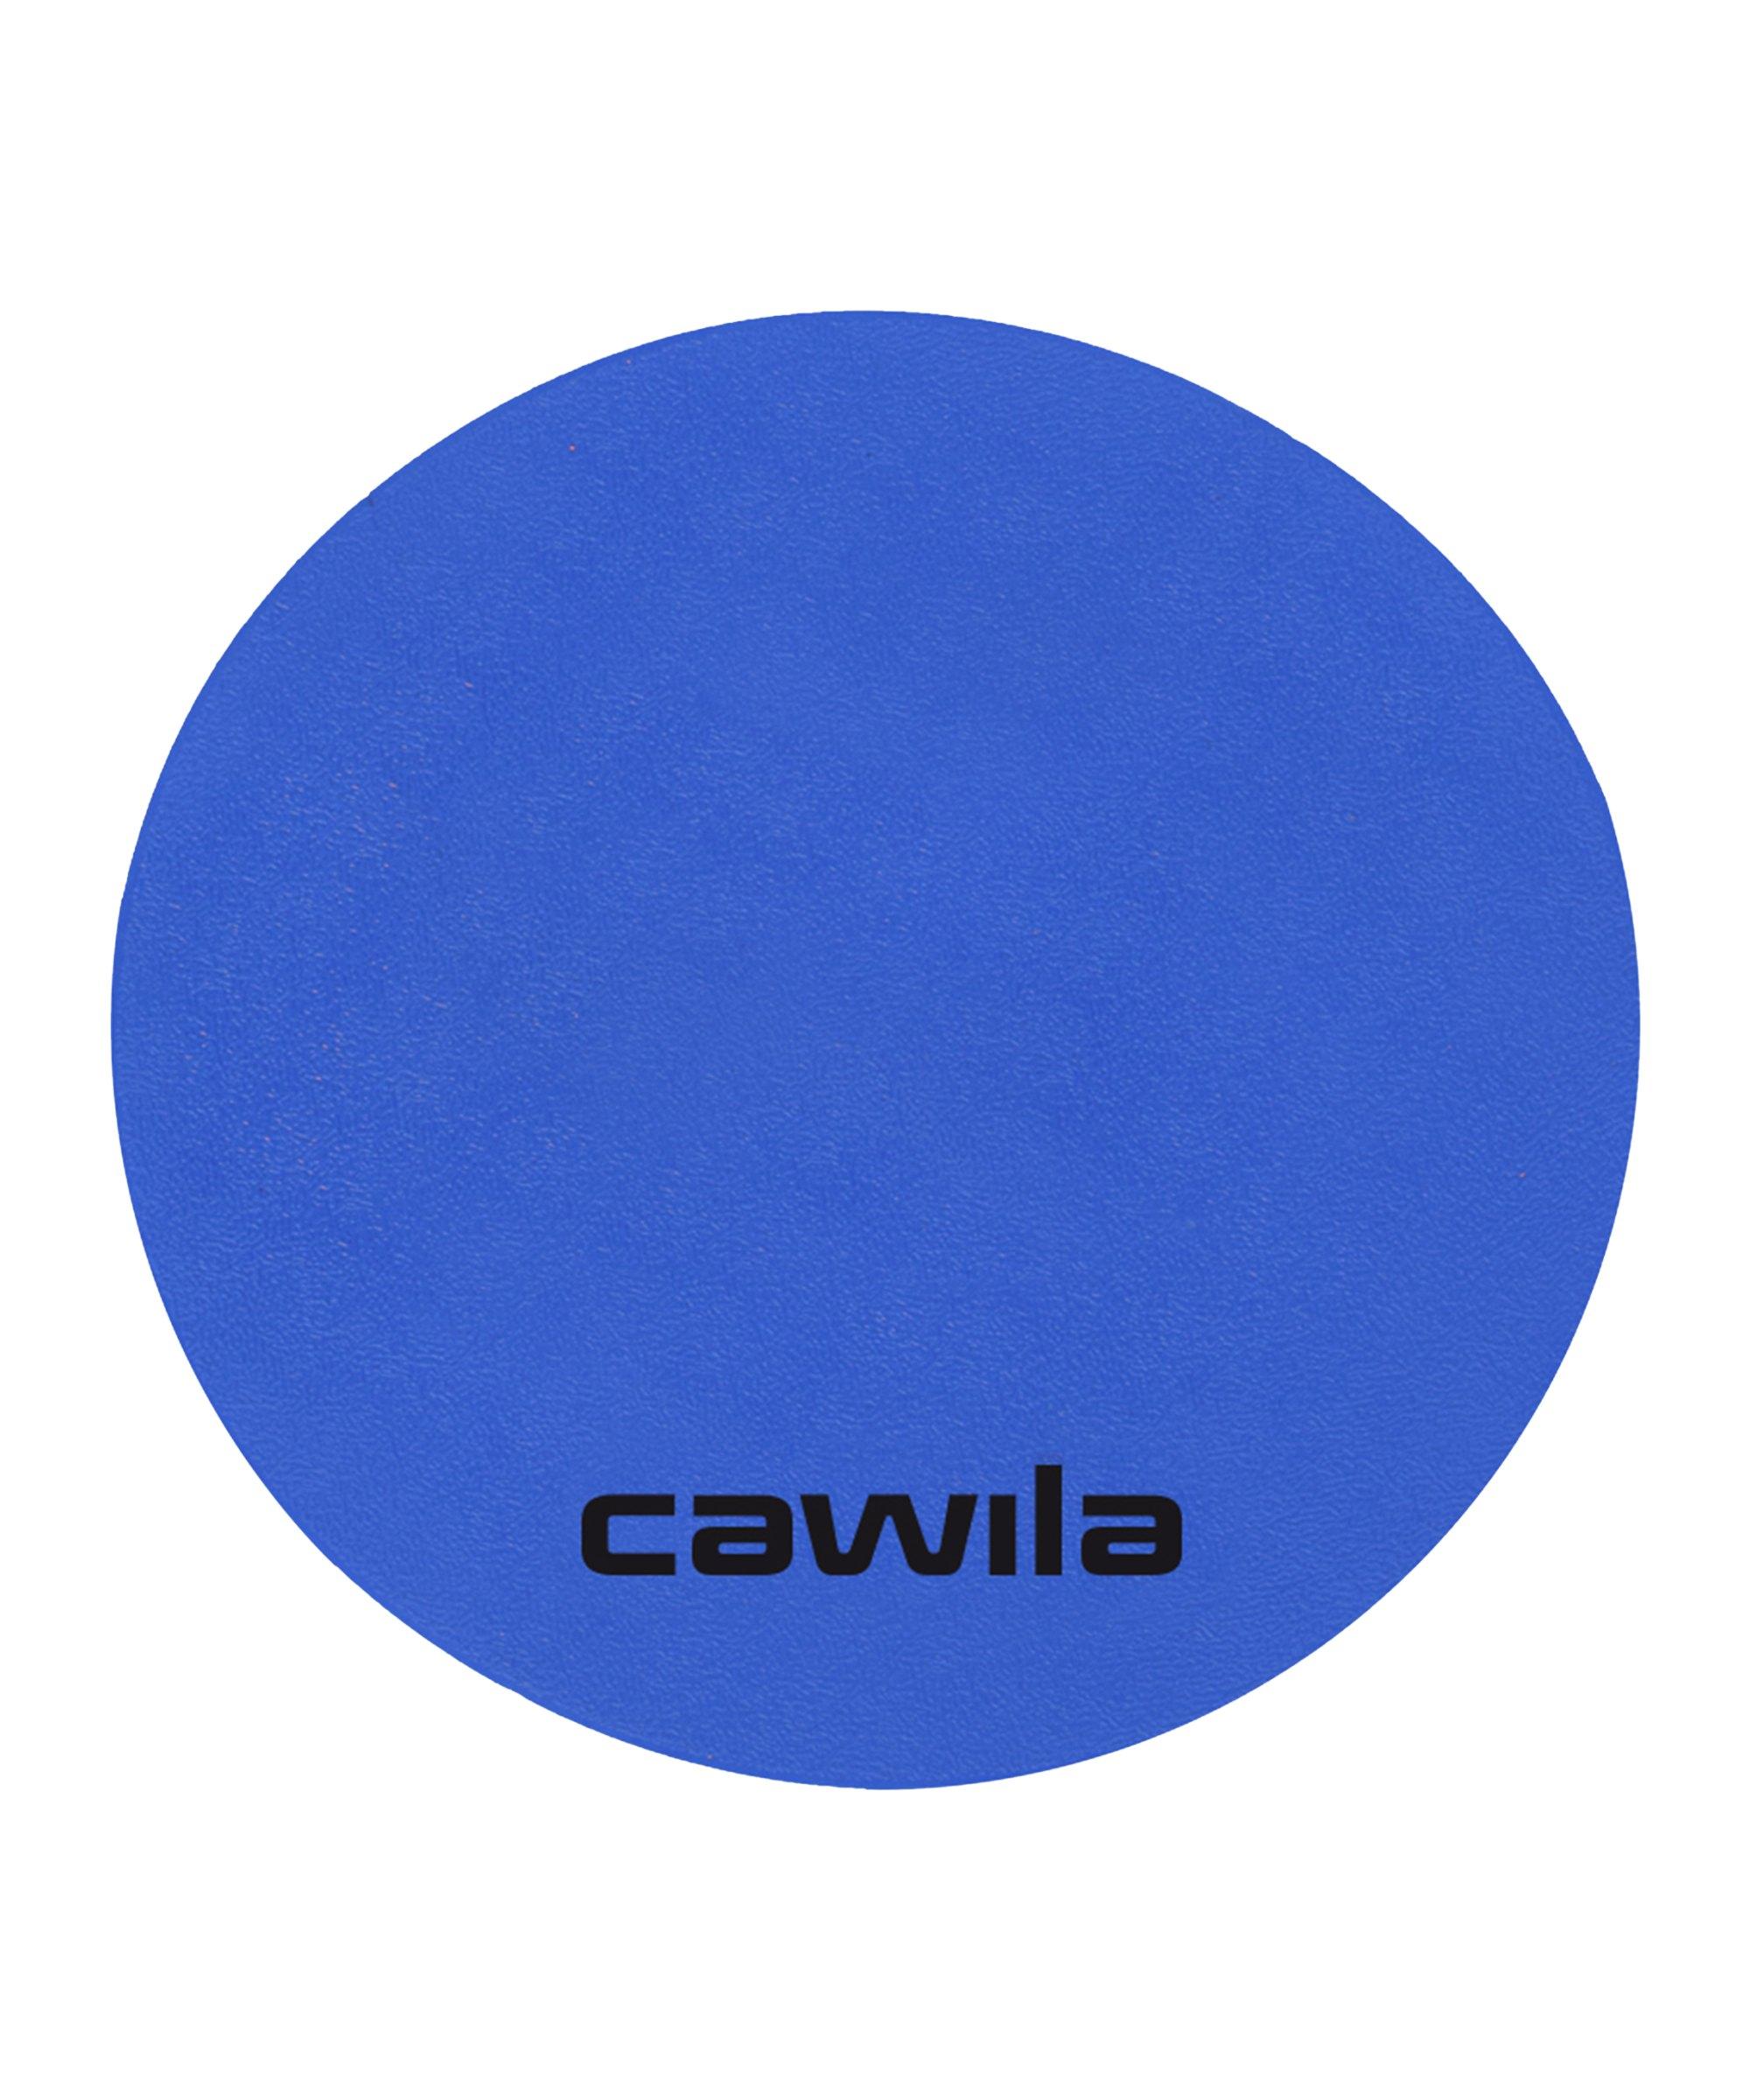 Cawila Marker-System Scheibe d255mm Blau - blau